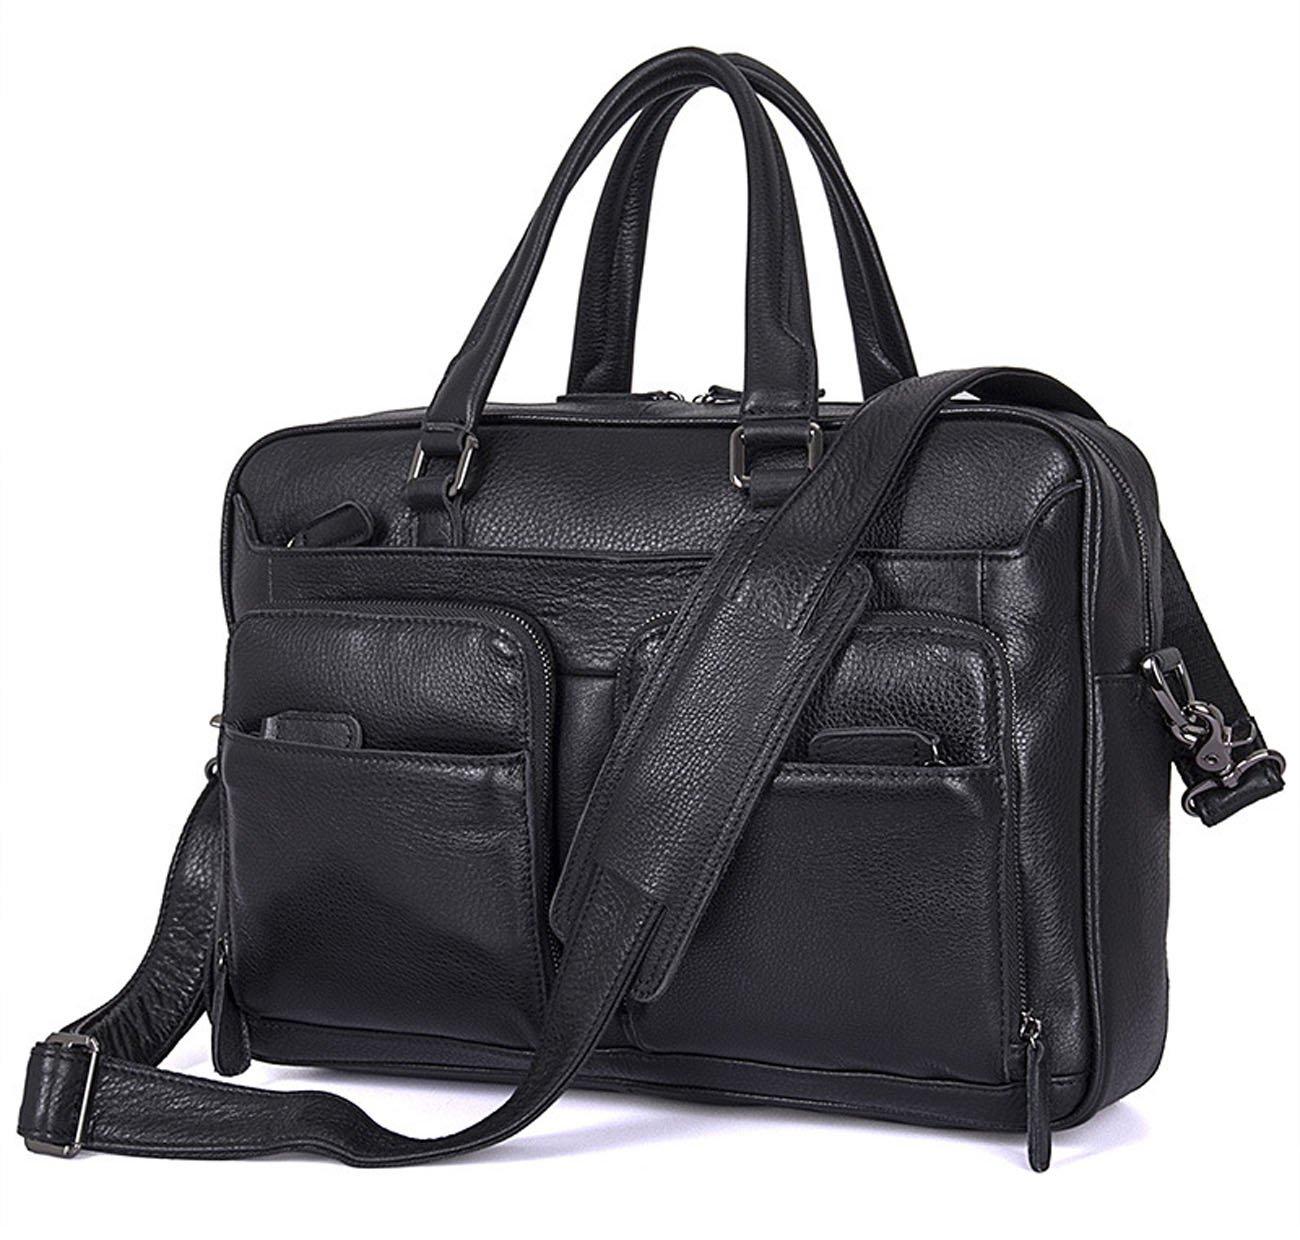 Berchirly Men Black Real Leather Messenger Bag Multicompartment Travel Shoulder Bag Briefcase